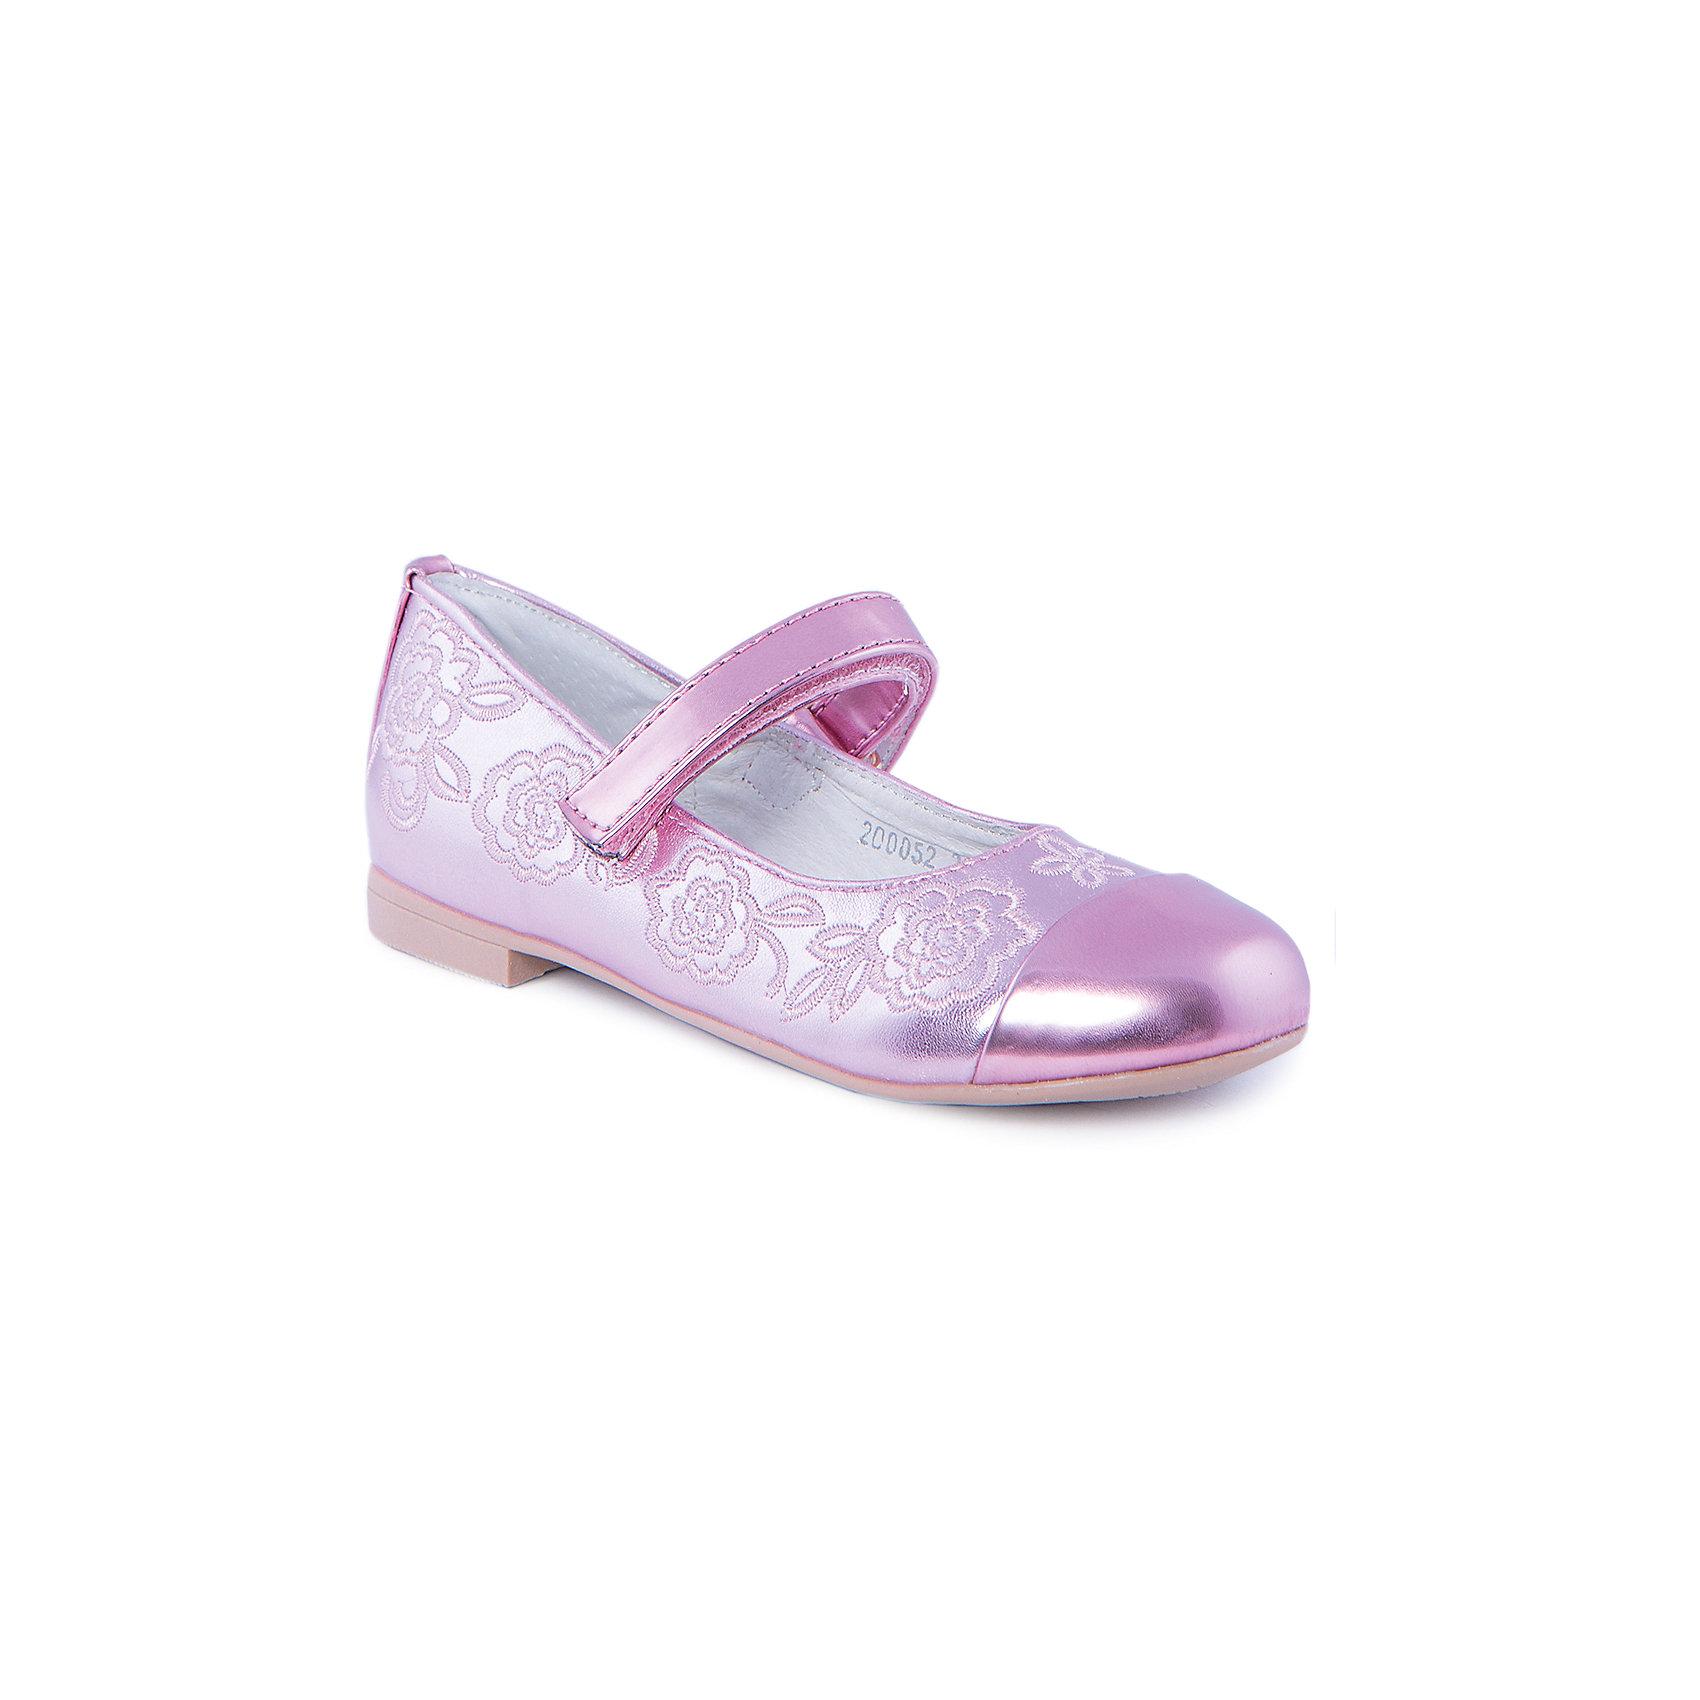 Туфли для девочки MURSUОбувь<br>Туфли для девочки от известного бренда MURSU обязательно понравятся всем юным модницам. Блестящие розовые туфельки декорированы изящной вышивкой, застегиваются на липучку. Модель имеет небольшой каблук, стелька и подкладка выполнены из натуральной кожи, что обеспечивает гигиеничность и комфорт. <br><br>Дополнительная информация:<br><br>- Цвет: розовый.<br>- Тип застежки: липучка.<br>- Декоративные элементы: вышивка.<br><br>Состав:<br><br>- Материал верха: искусственная кожа.<br>- Материал подкладки: натуральная кожа.<br>- Материал подошвы: TEP.<br>- Материал стельки: натуральная кожа.<br><br>Туфли для девочки MURSU (Мурсу), можно купить в нашем магазине.<br><br>Ширина мм: 227<br>Глубина мм: 145<br>Высота мм: 124<br>Вес г: 325<br>Цвет: розовый<br>Возраст от месяцев: 48<br>Возраст до месяцев: 60<br>Пол: Женский<br>Возраст: Детский<br>Размер: 28,26,30,27,31,29<br>SKU: 4213384